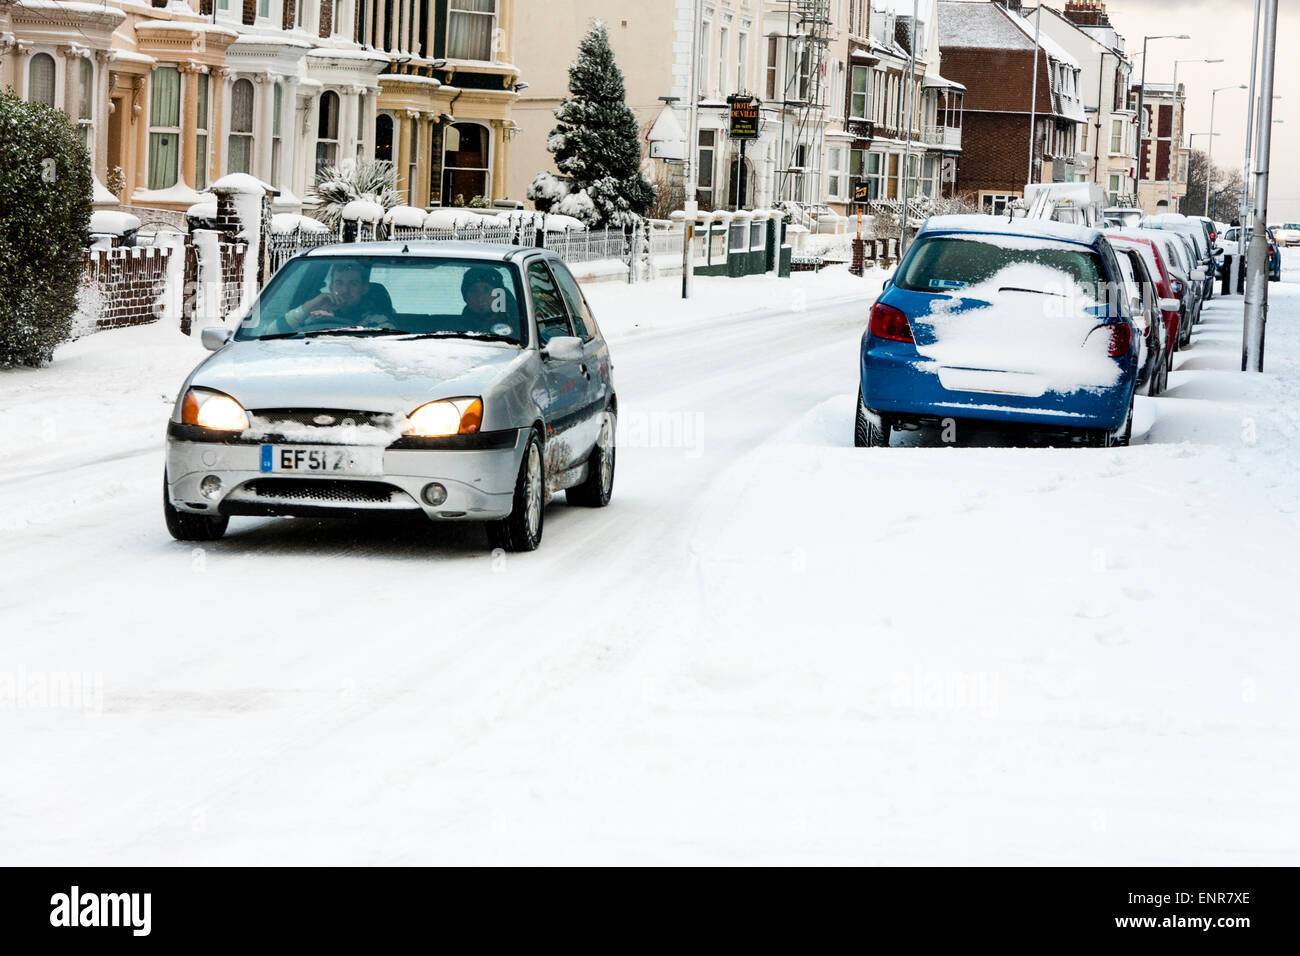 Vue le long de la rue enneigée de Ramsgate en Angleterre après une lourde chute de neige. Voitures garées dans la neige, monovoiture roulant le long de la route. Banque D'Images